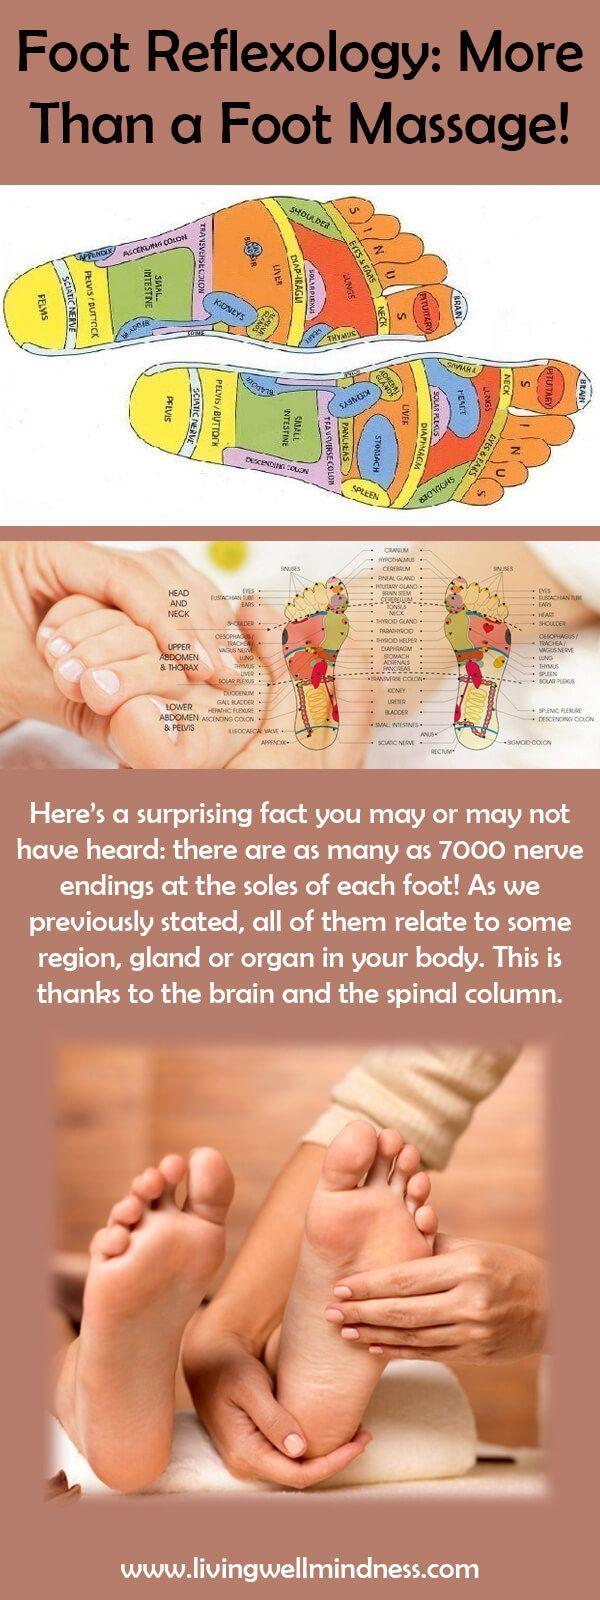 Foot Reflexology More Than a Foot Massage  Living Wellmindness